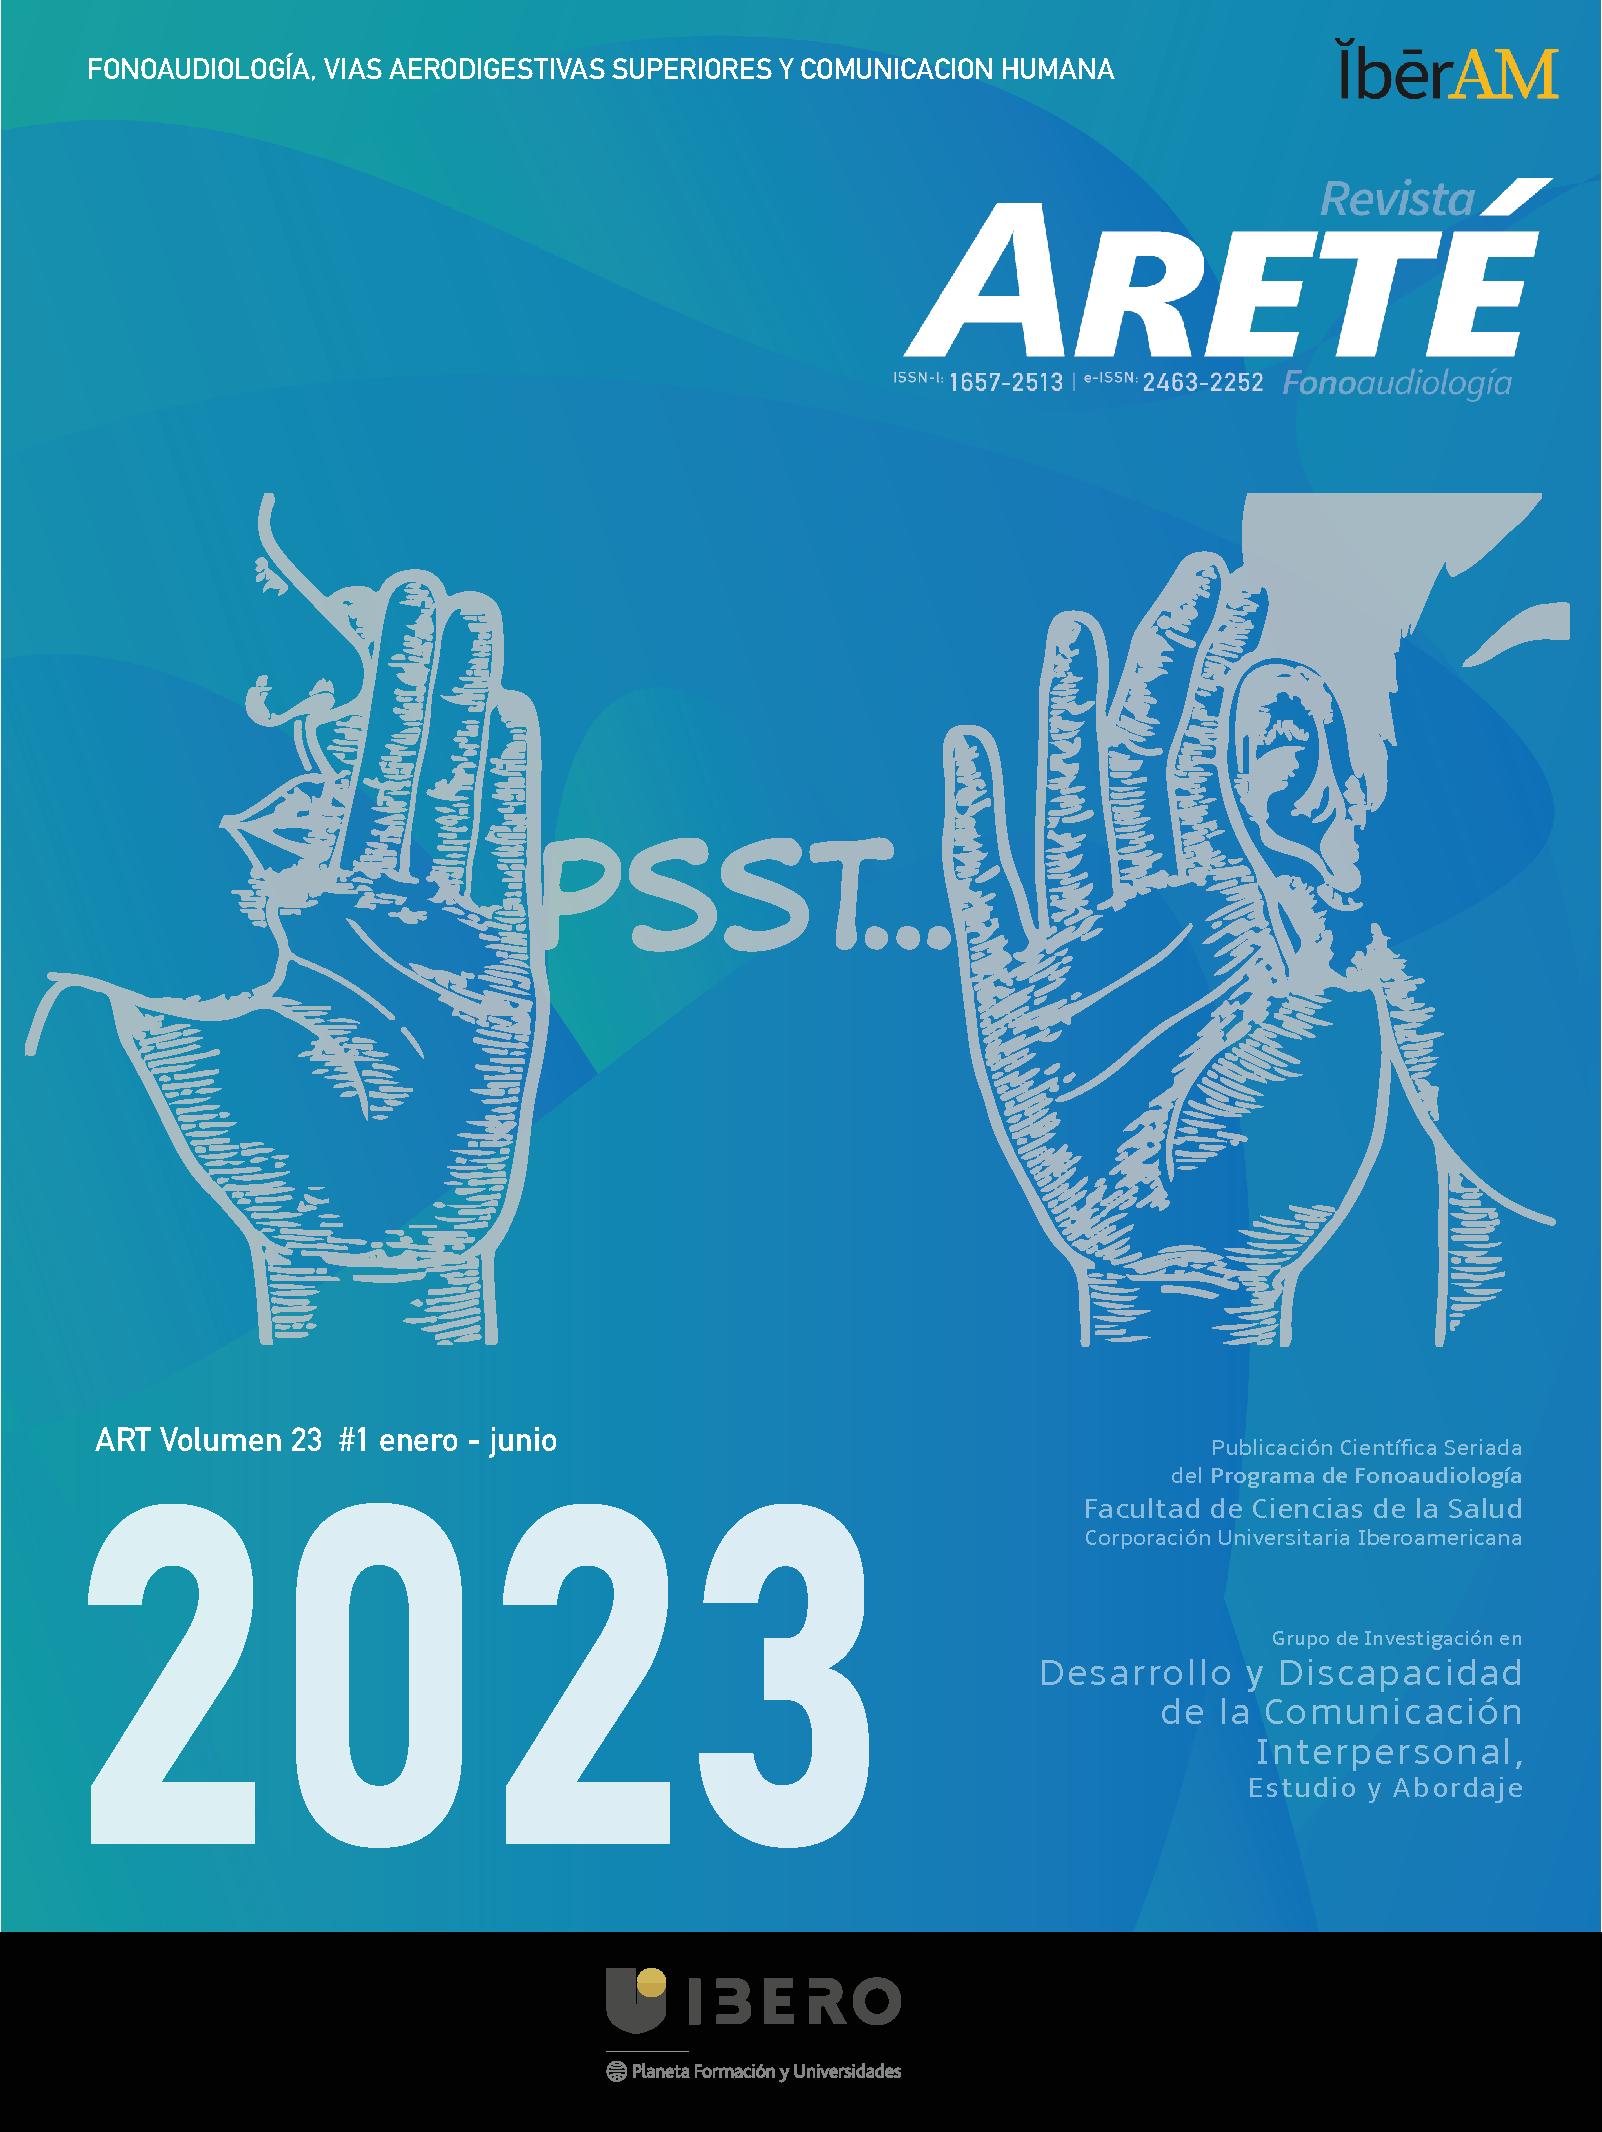 Revista ARETÉ visibilizando la investigación en el área de la comunicación humana y sus desordenes